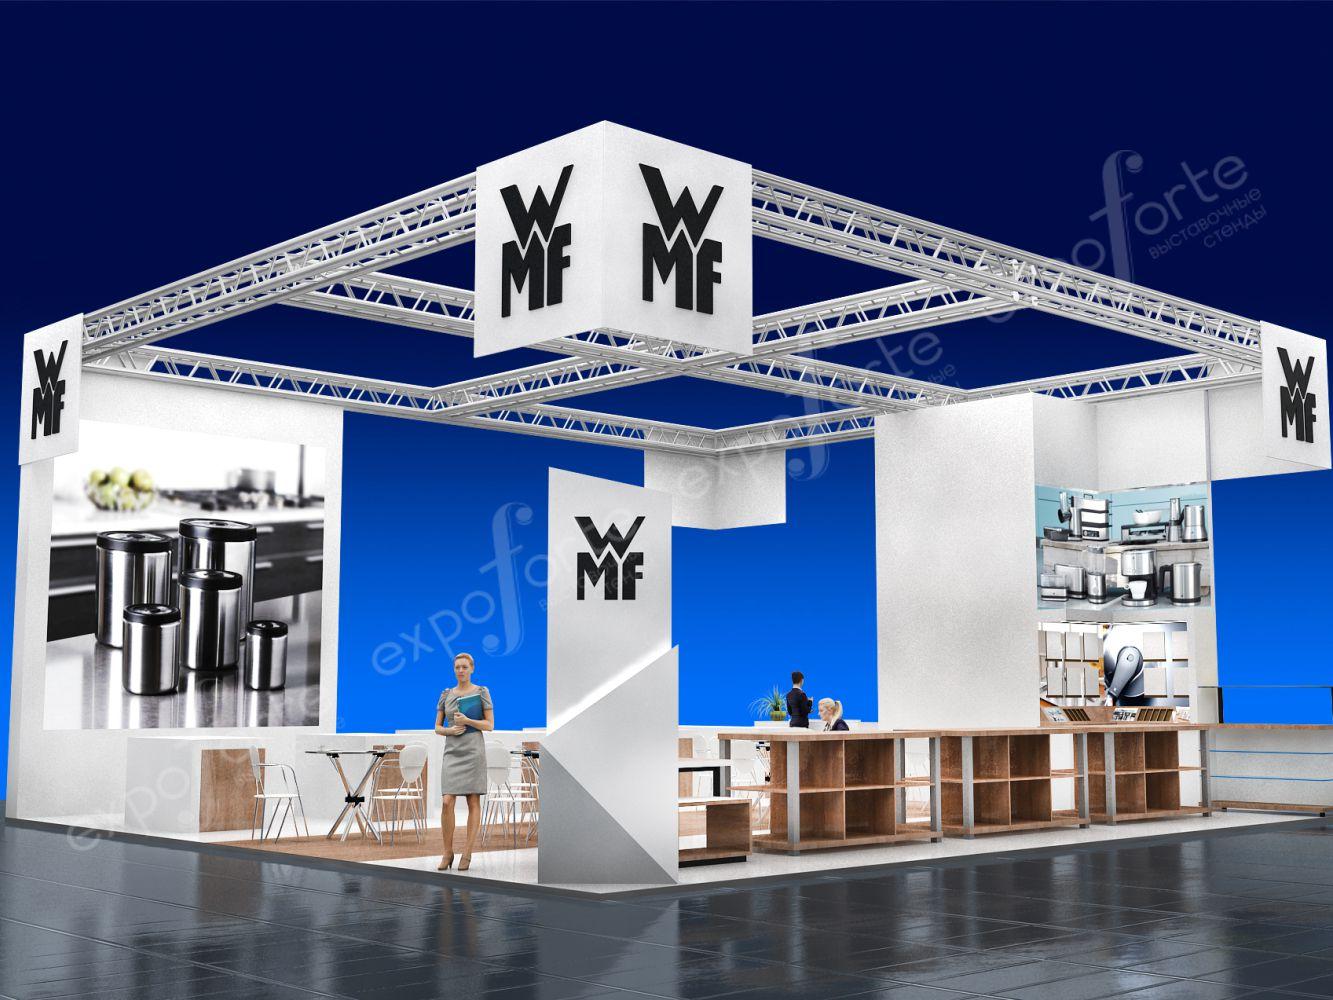 Фото: WMF, выставка PIR – картинка 4